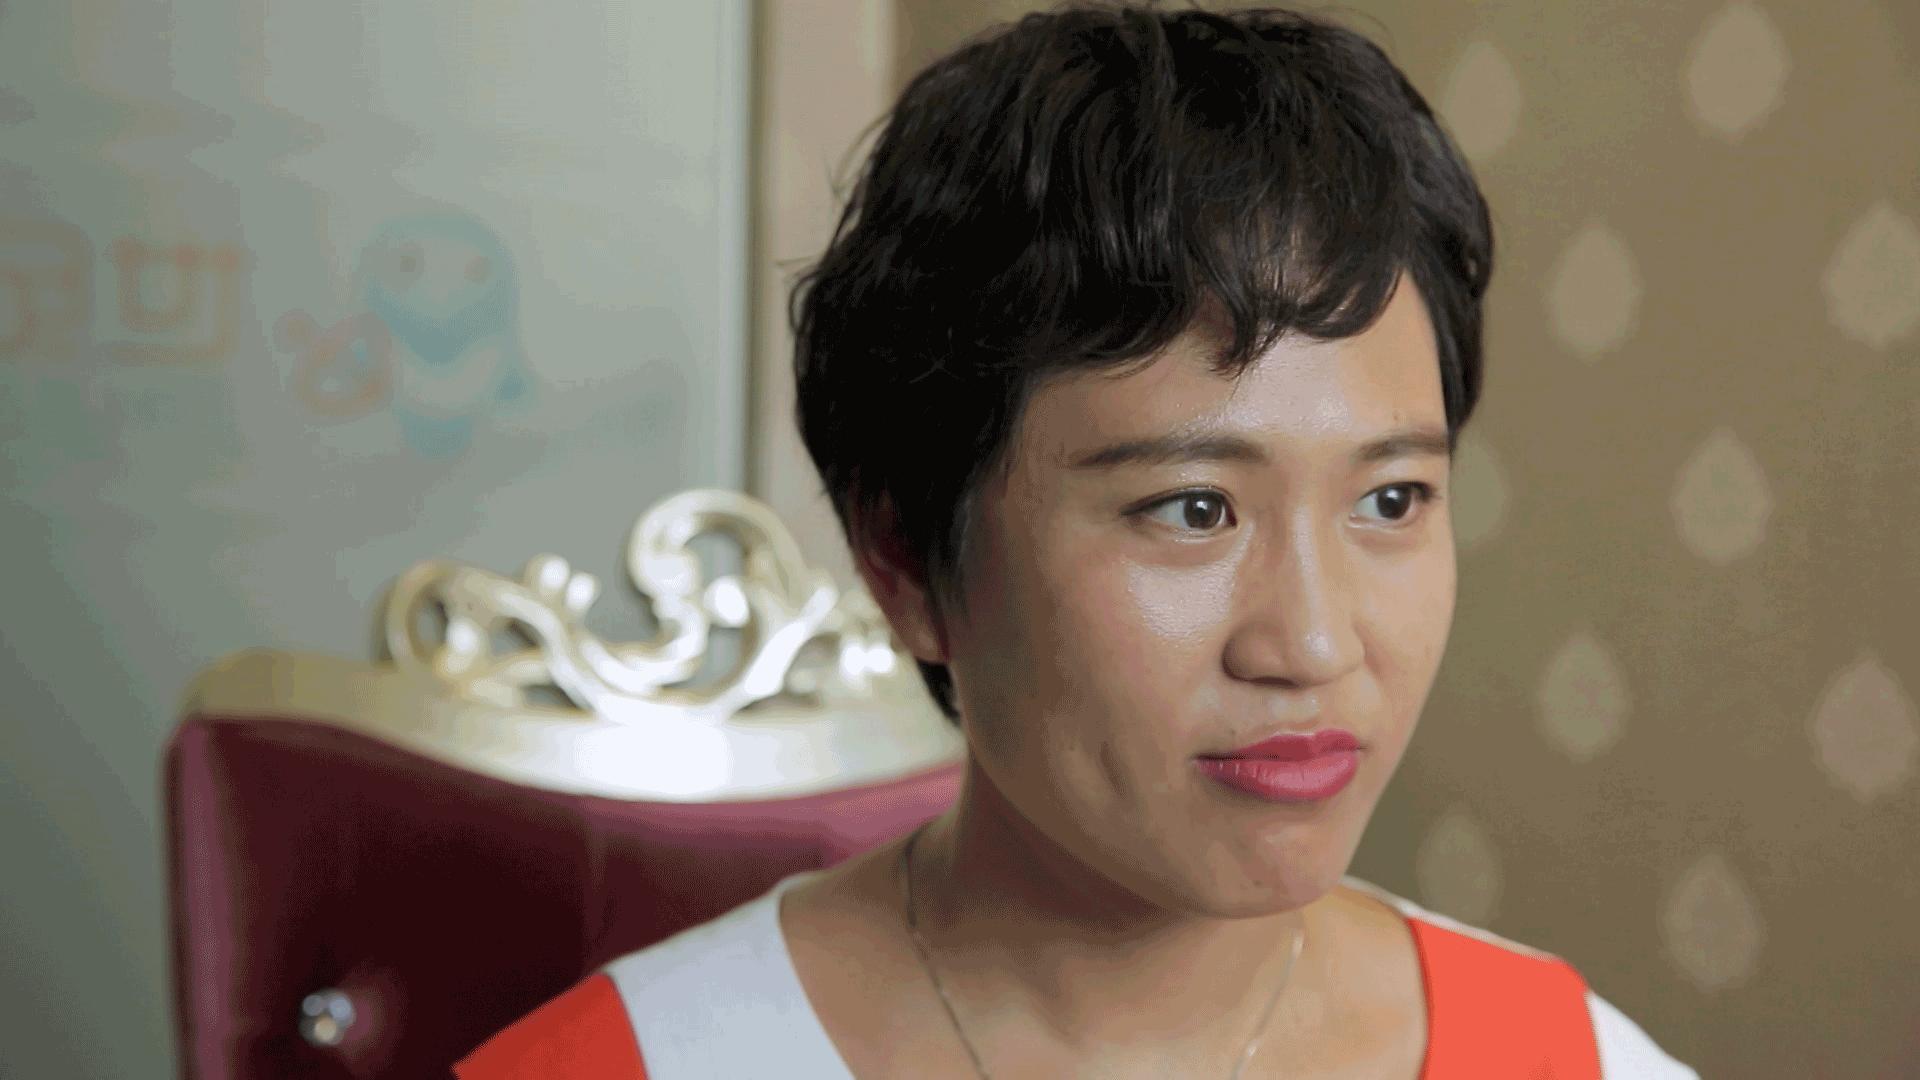 """Những """"bà cô"""" Trung Quốc chưa chồng chịu đựng sự cay nghiệt của cuộc đời chưa đủ, còn bị rơi xuống đáy xã hội chỉ vì một chữ """"ế"""" - Ảnh 7."""